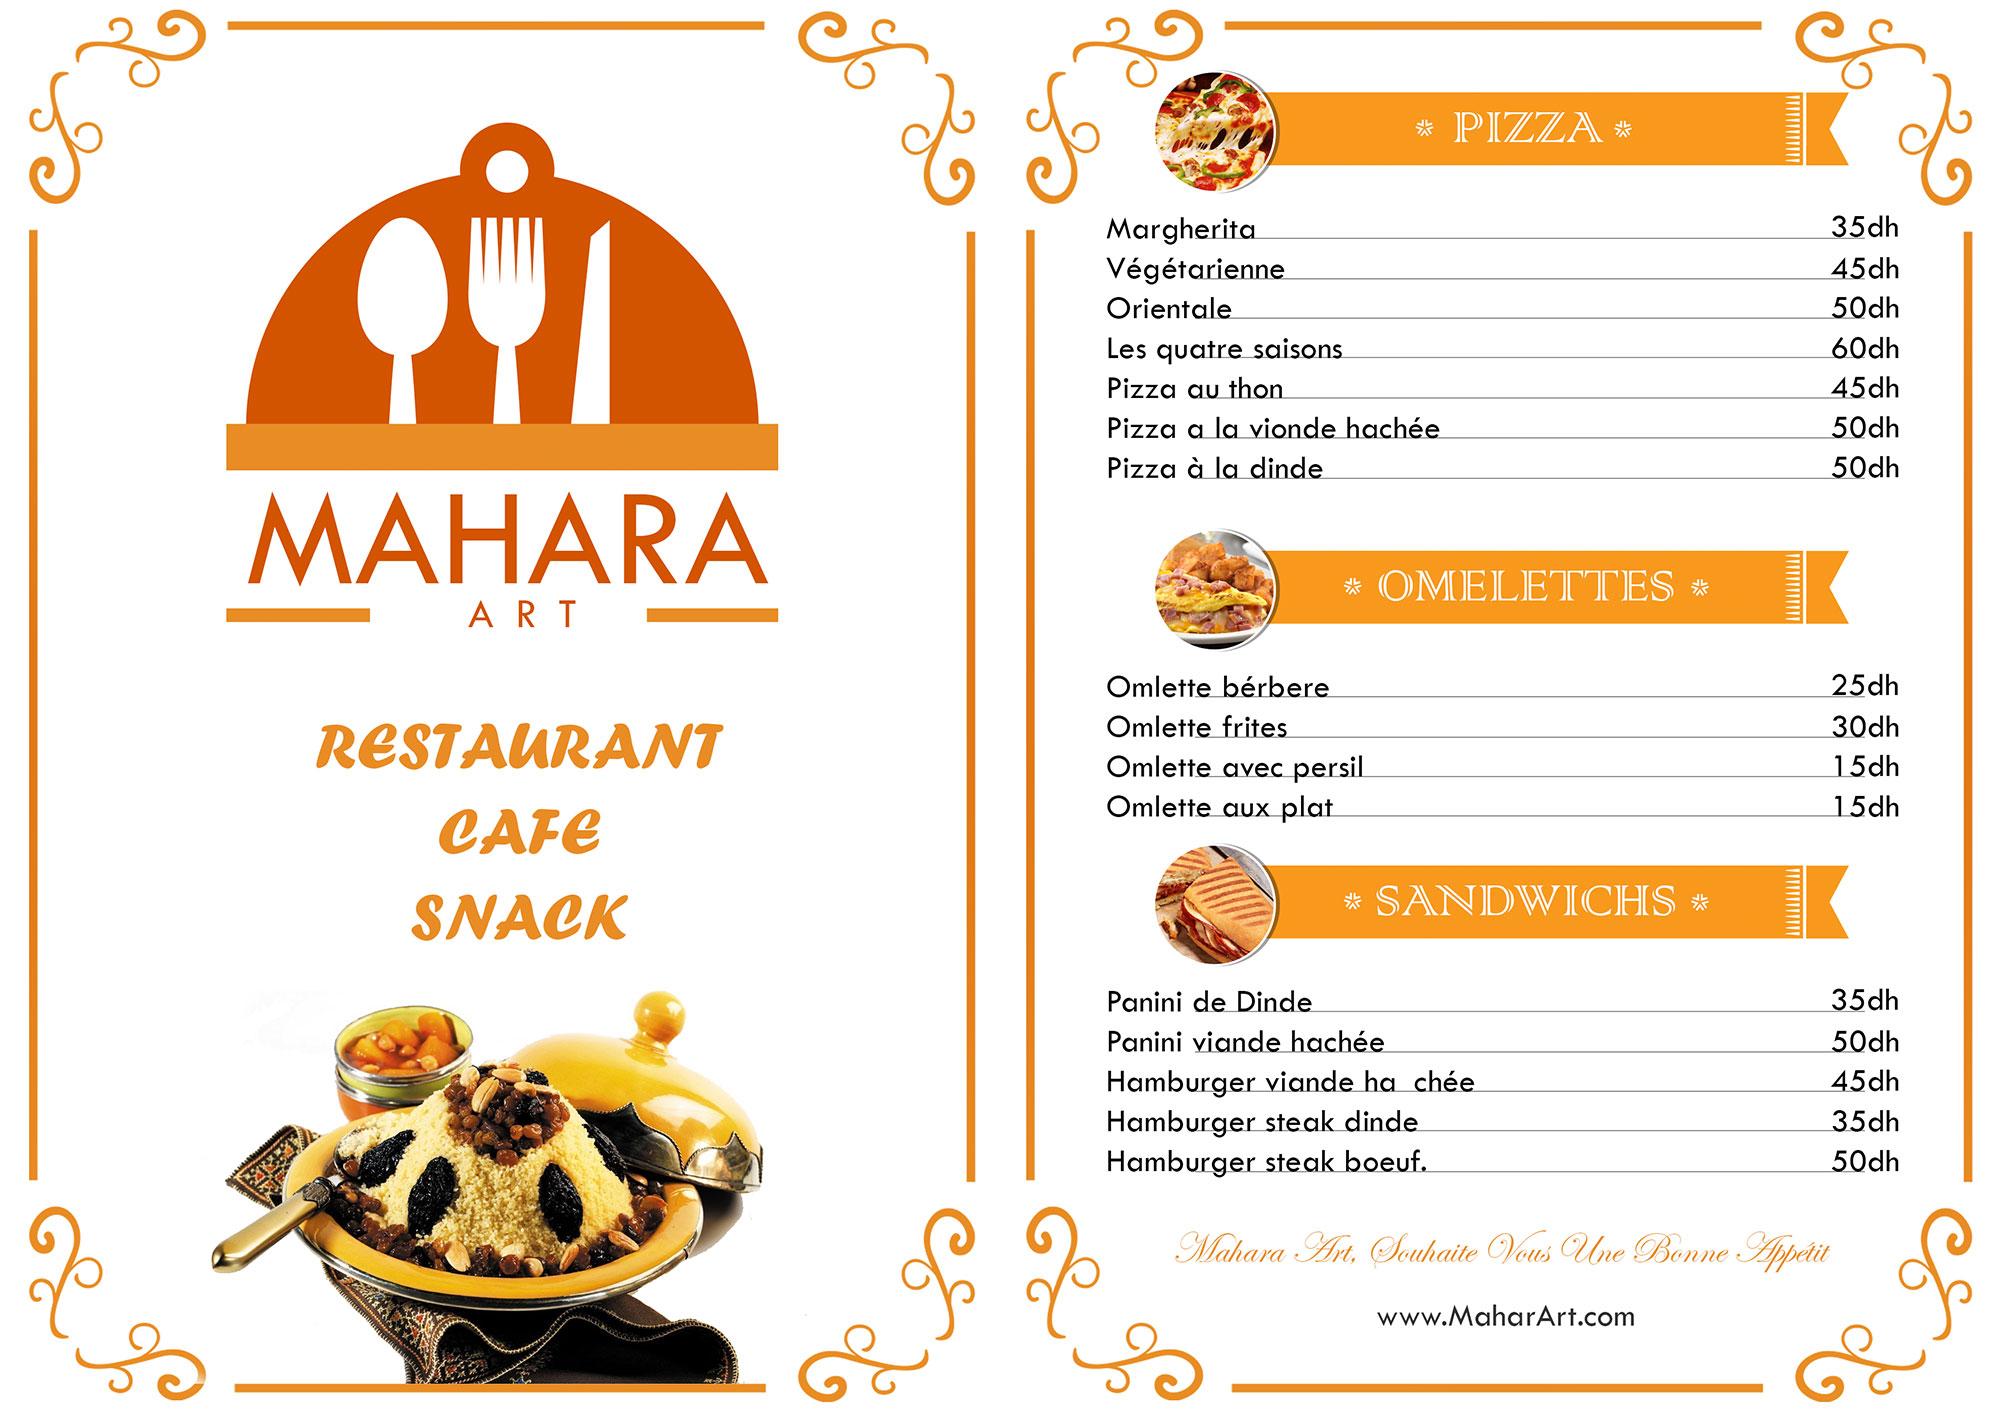 mahara-menu1